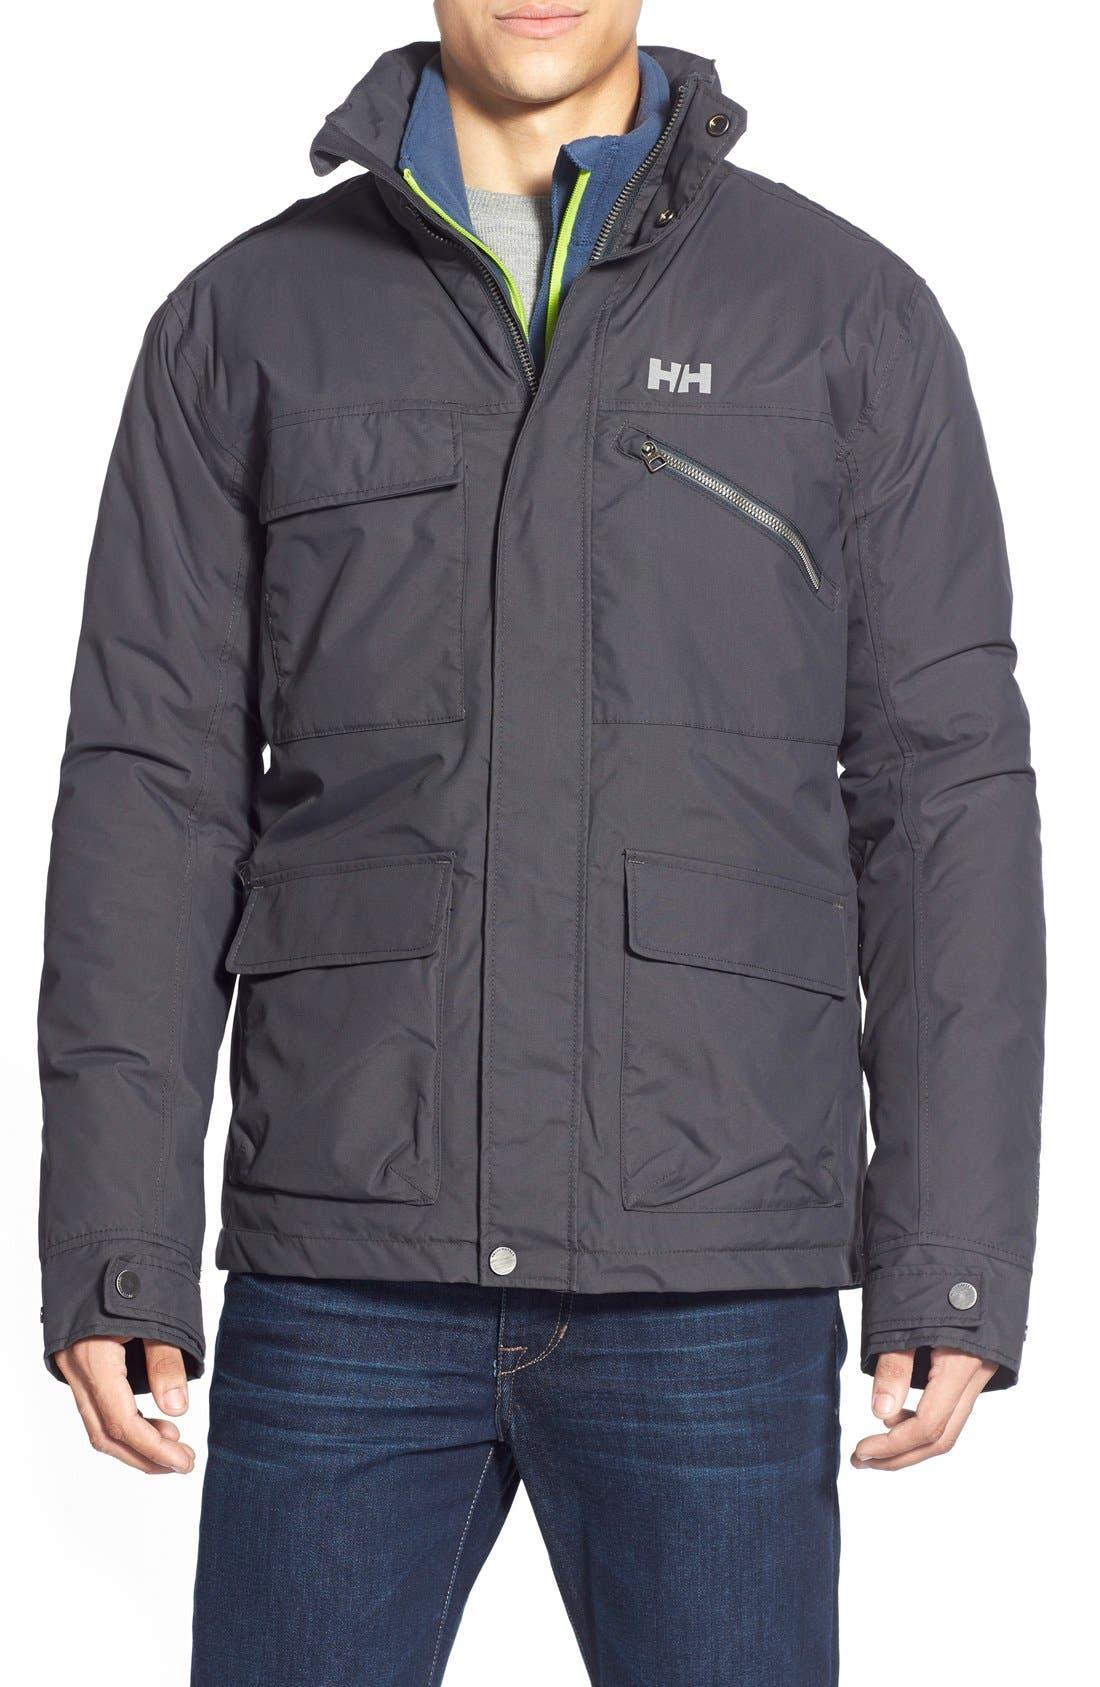 Main Image - HellyHansen 'Universal' MotoRain Jacket